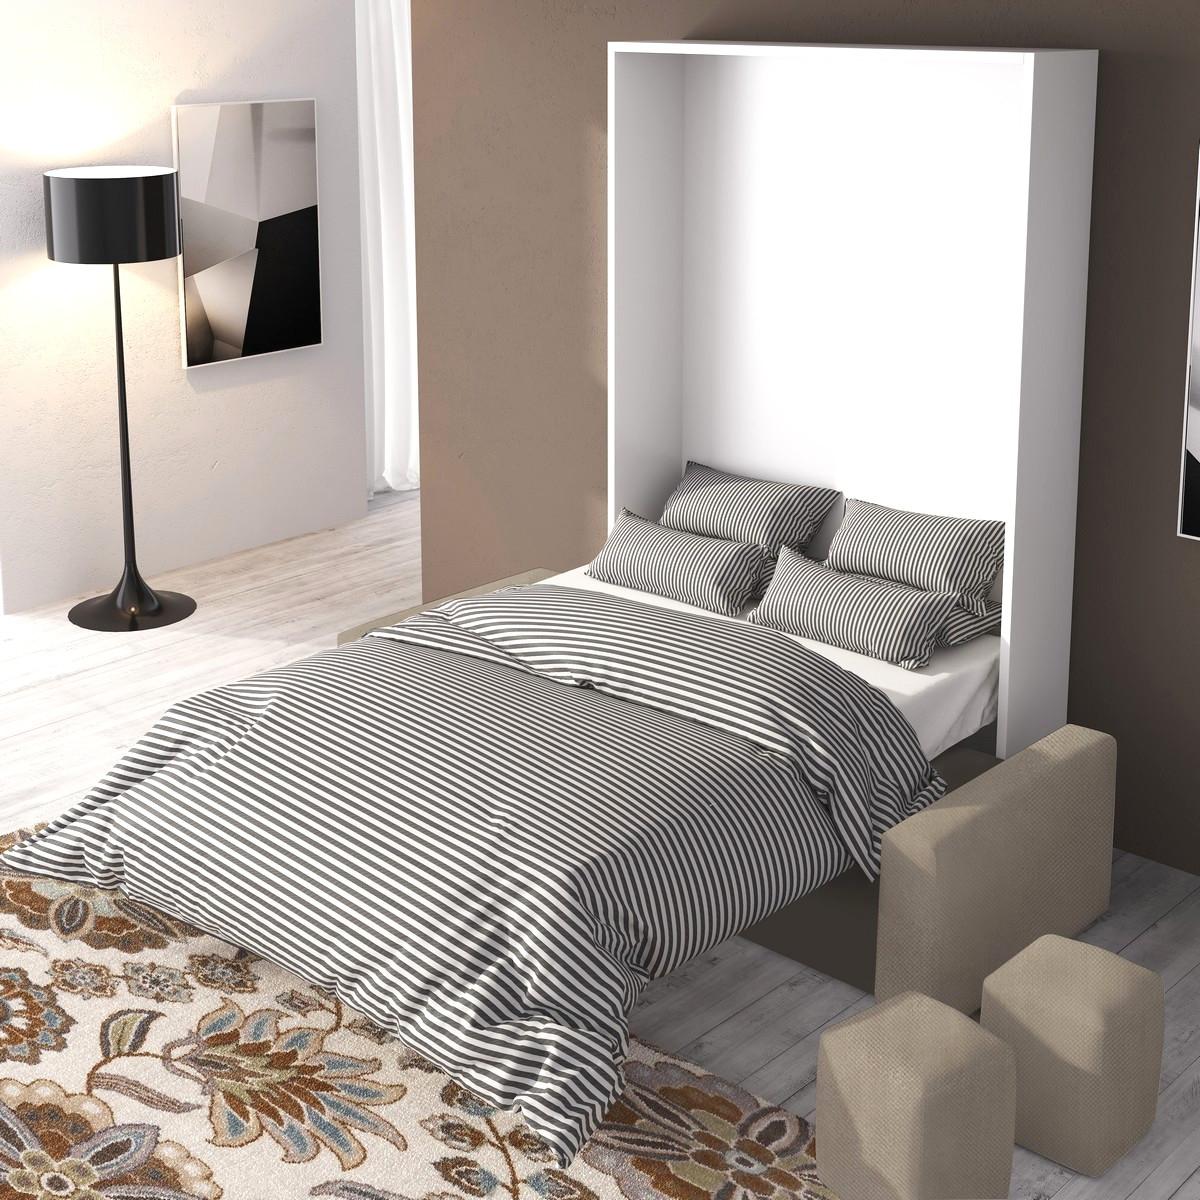 Lit Canapé Escamotable Ikea Luxe Images 23 Beau En Ligne Lit Escamotable Avec Canap Inspiration Maison Avec